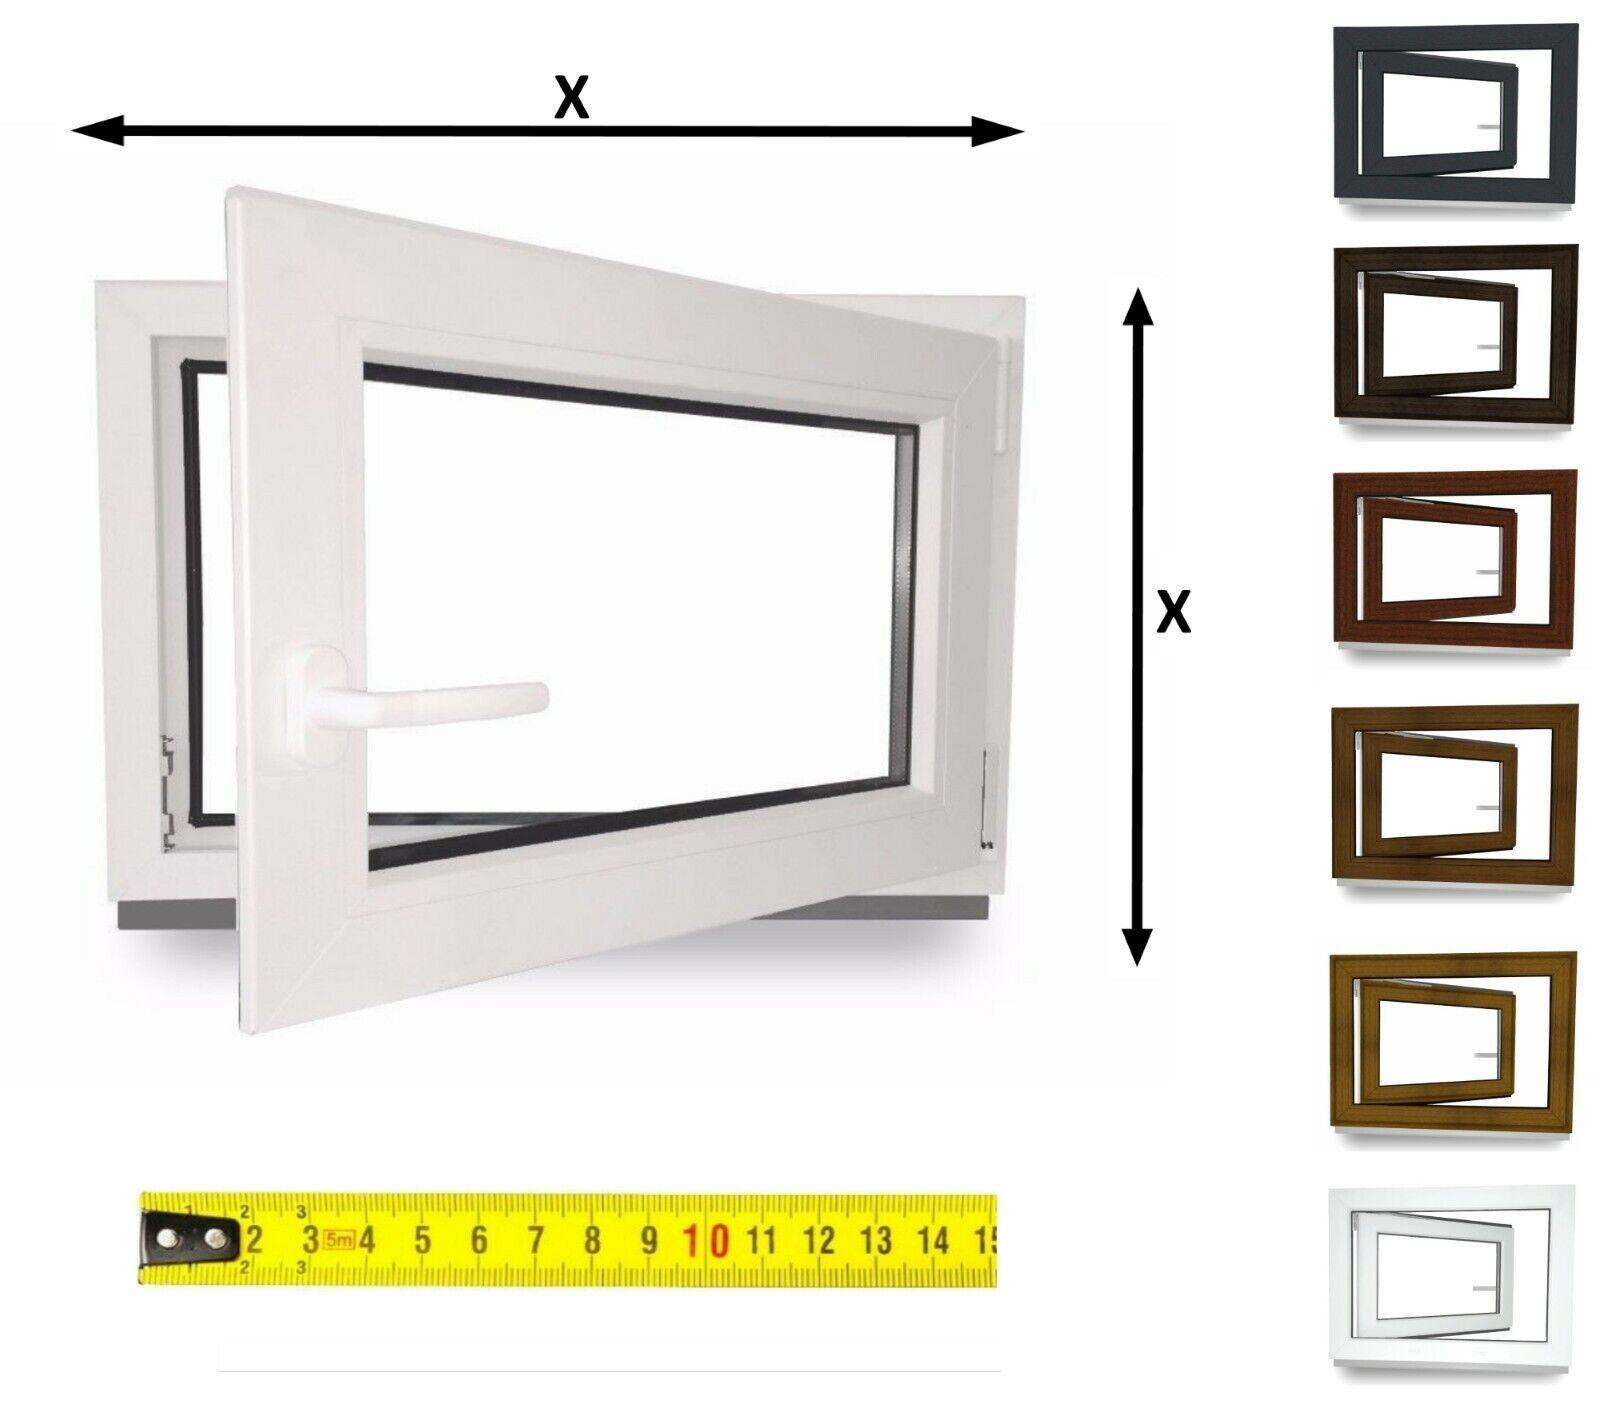 Kellerfenster innen weiß außen anthrazit 2-fach Verglasung 58 mm auch Sondermaße